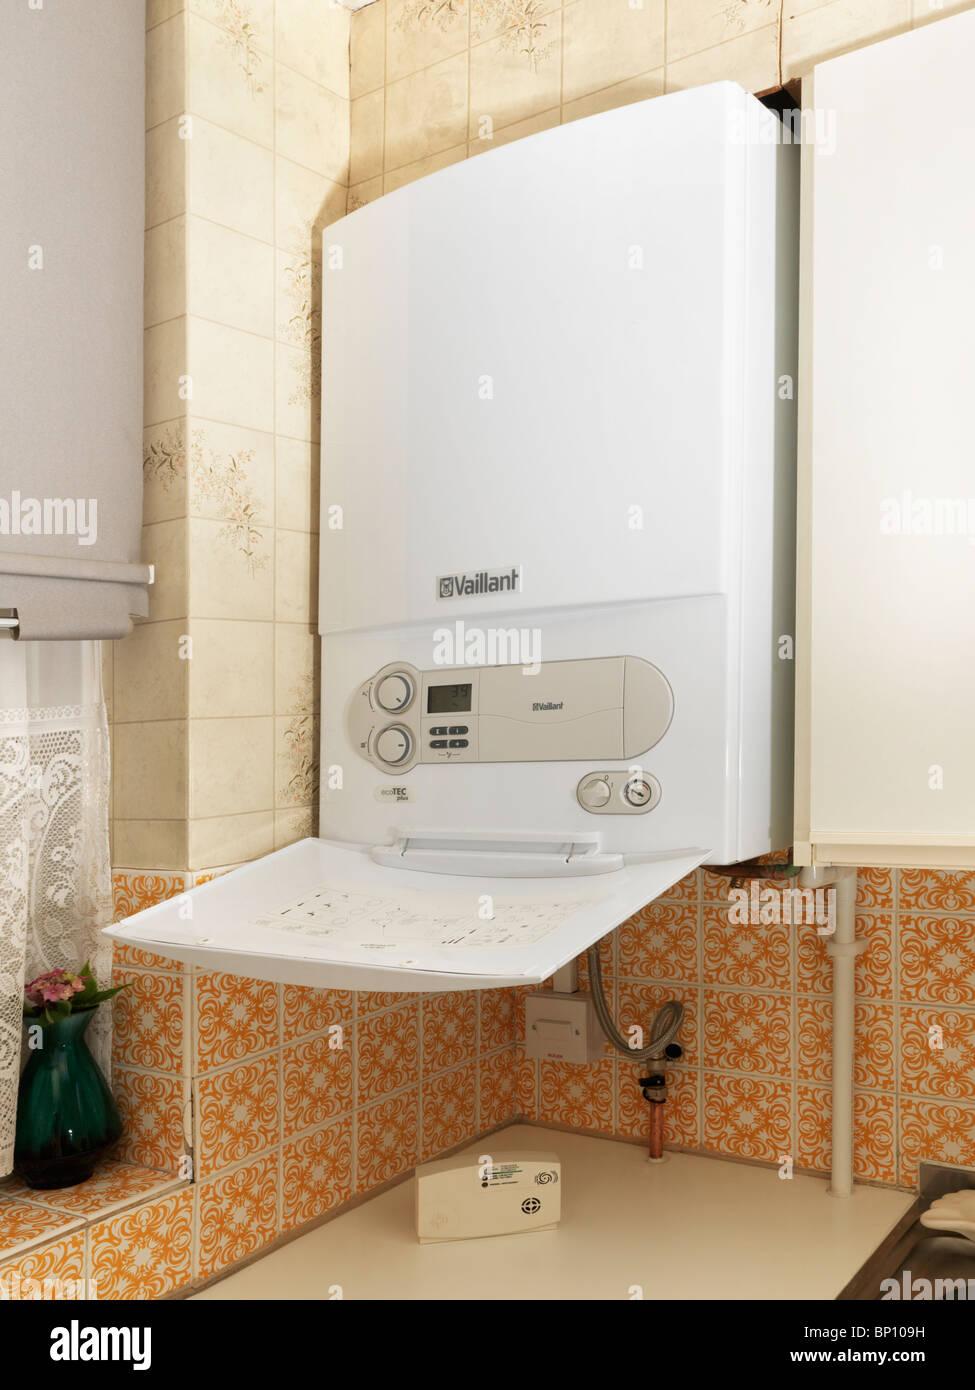 Carbon Monoxide Detector Stock Photos & Carbon Monoxide Detector ...